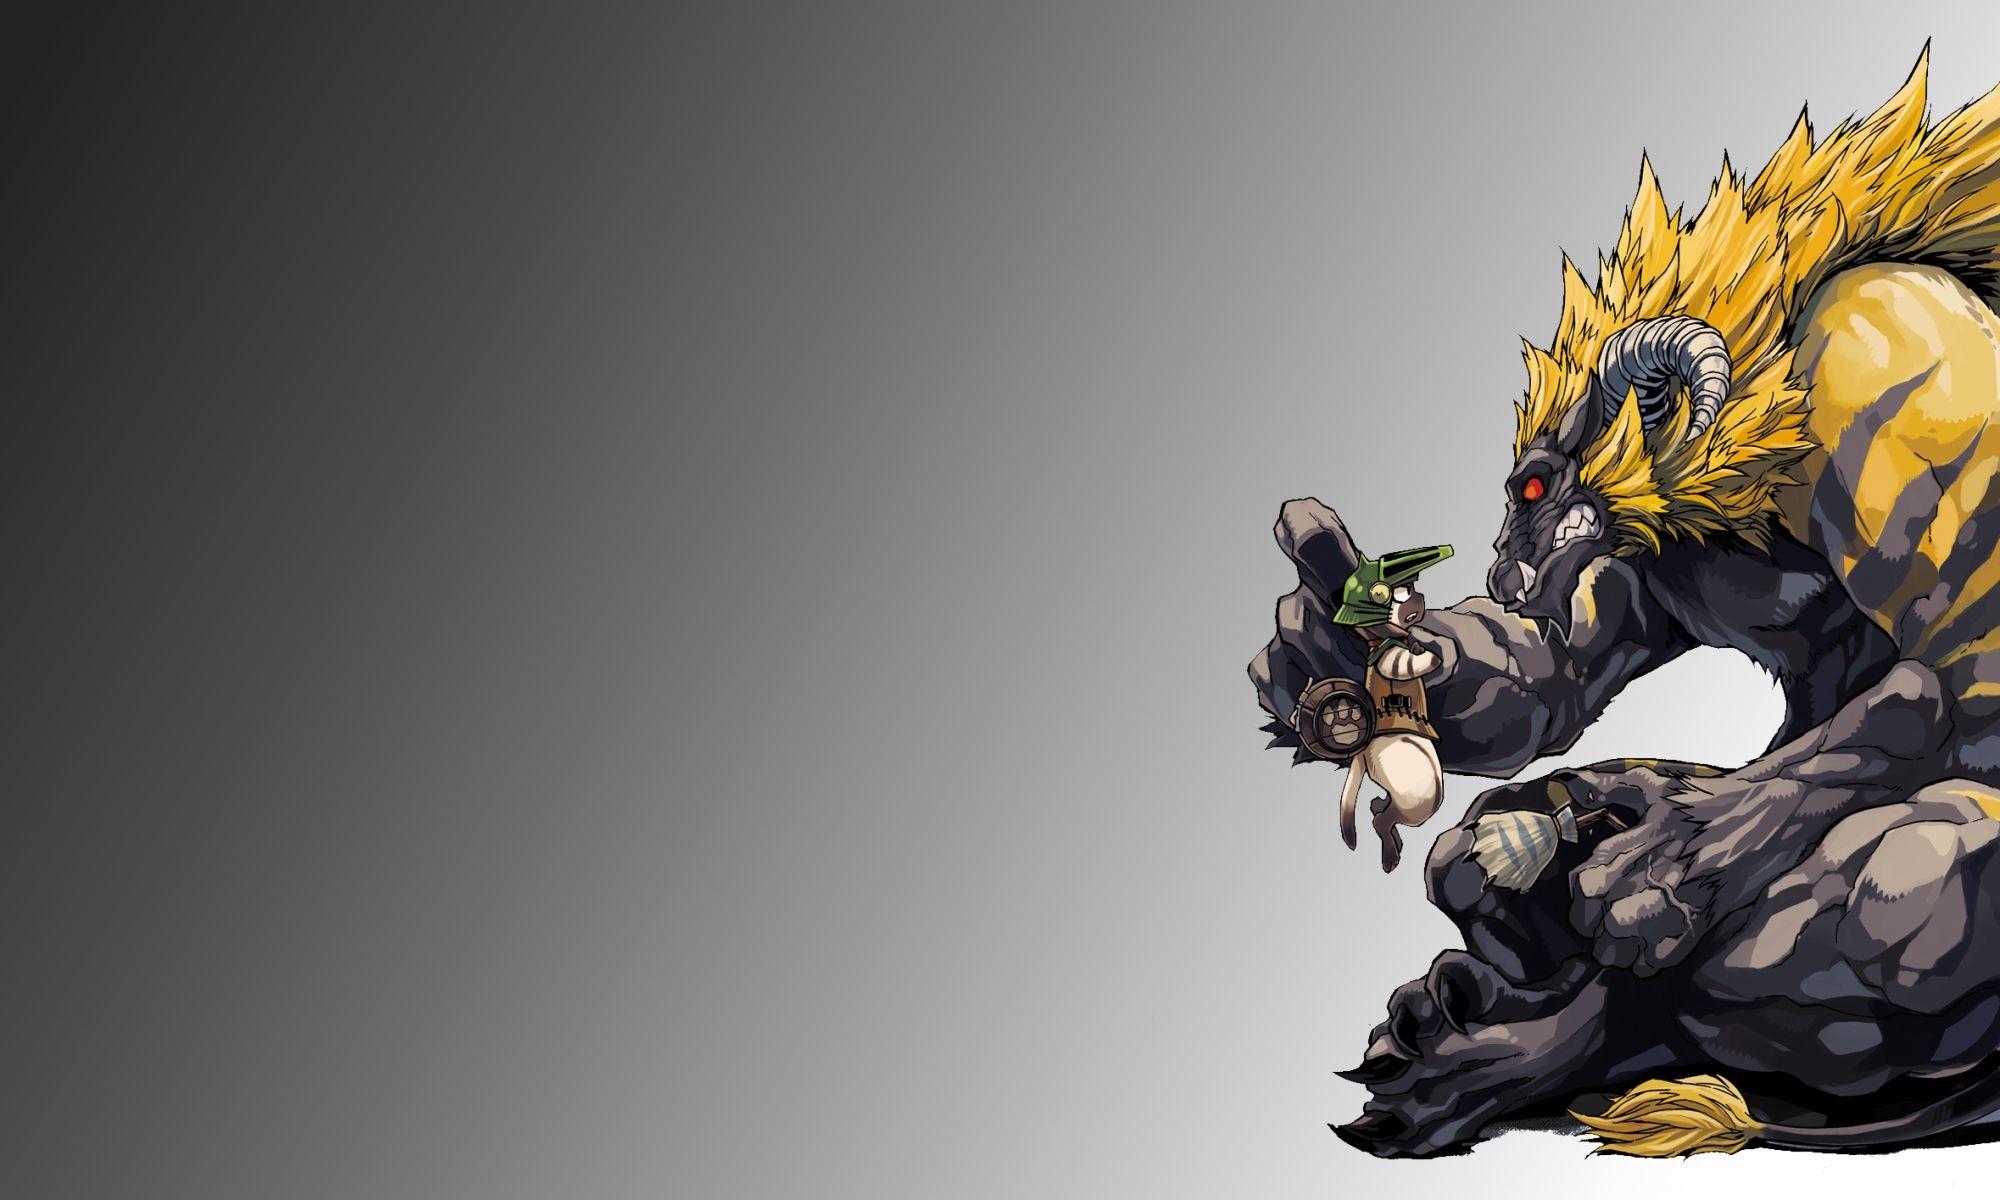 Monster Hunter X Wallpaper (70+ images)